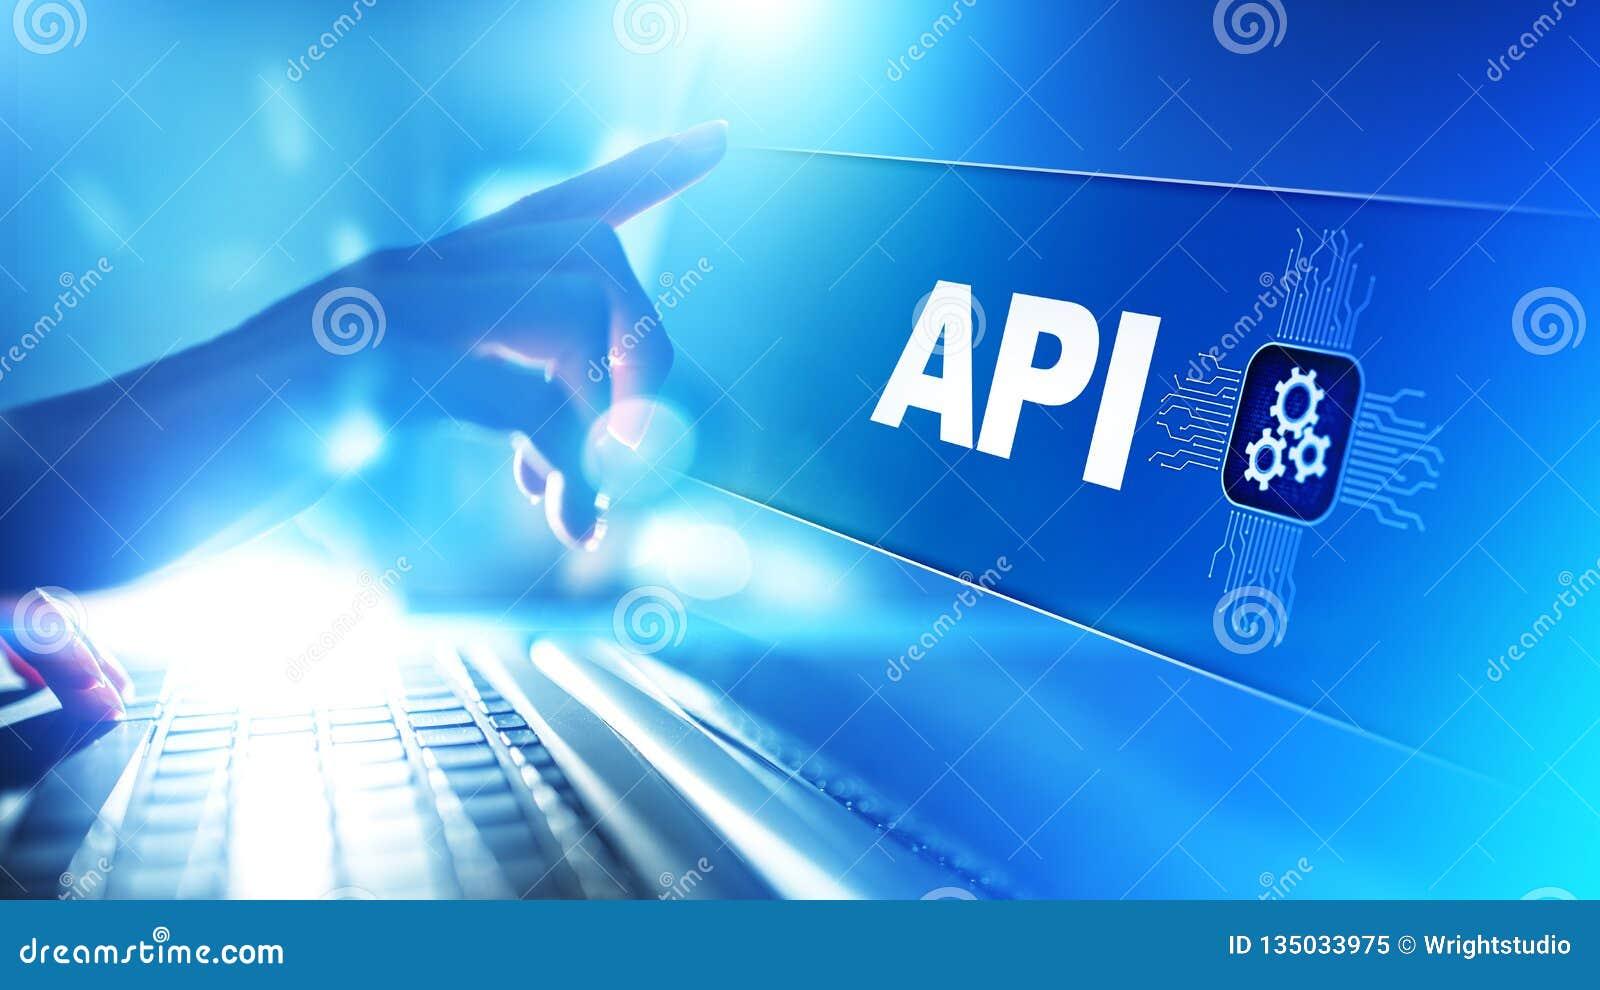 Api - Interface de Programmation d Application, instrument de développement de logiciel, technologie de l information et concept